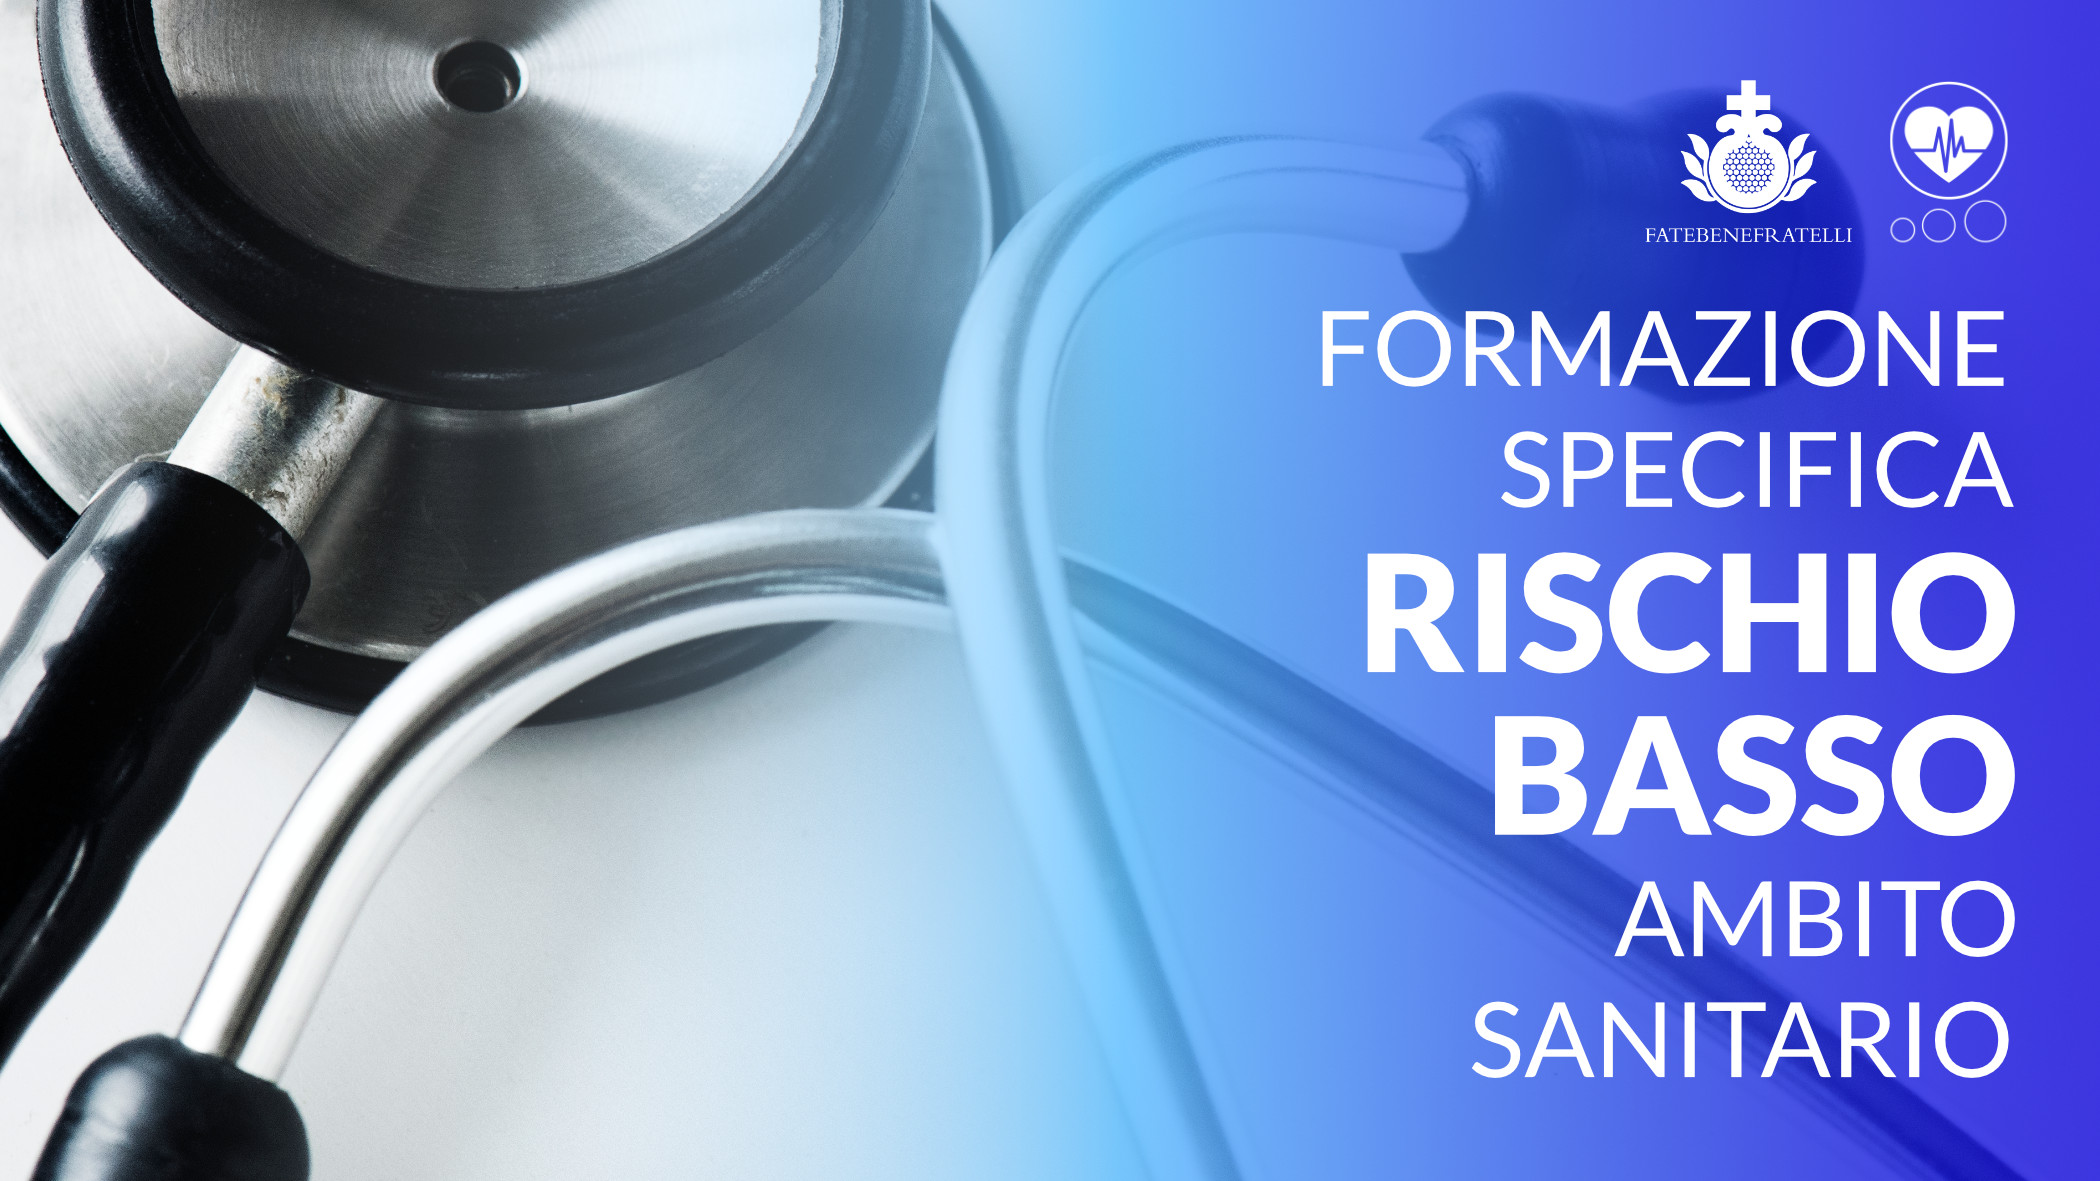 Formazione Specifica Rischio Basso in Ambito Sanitario